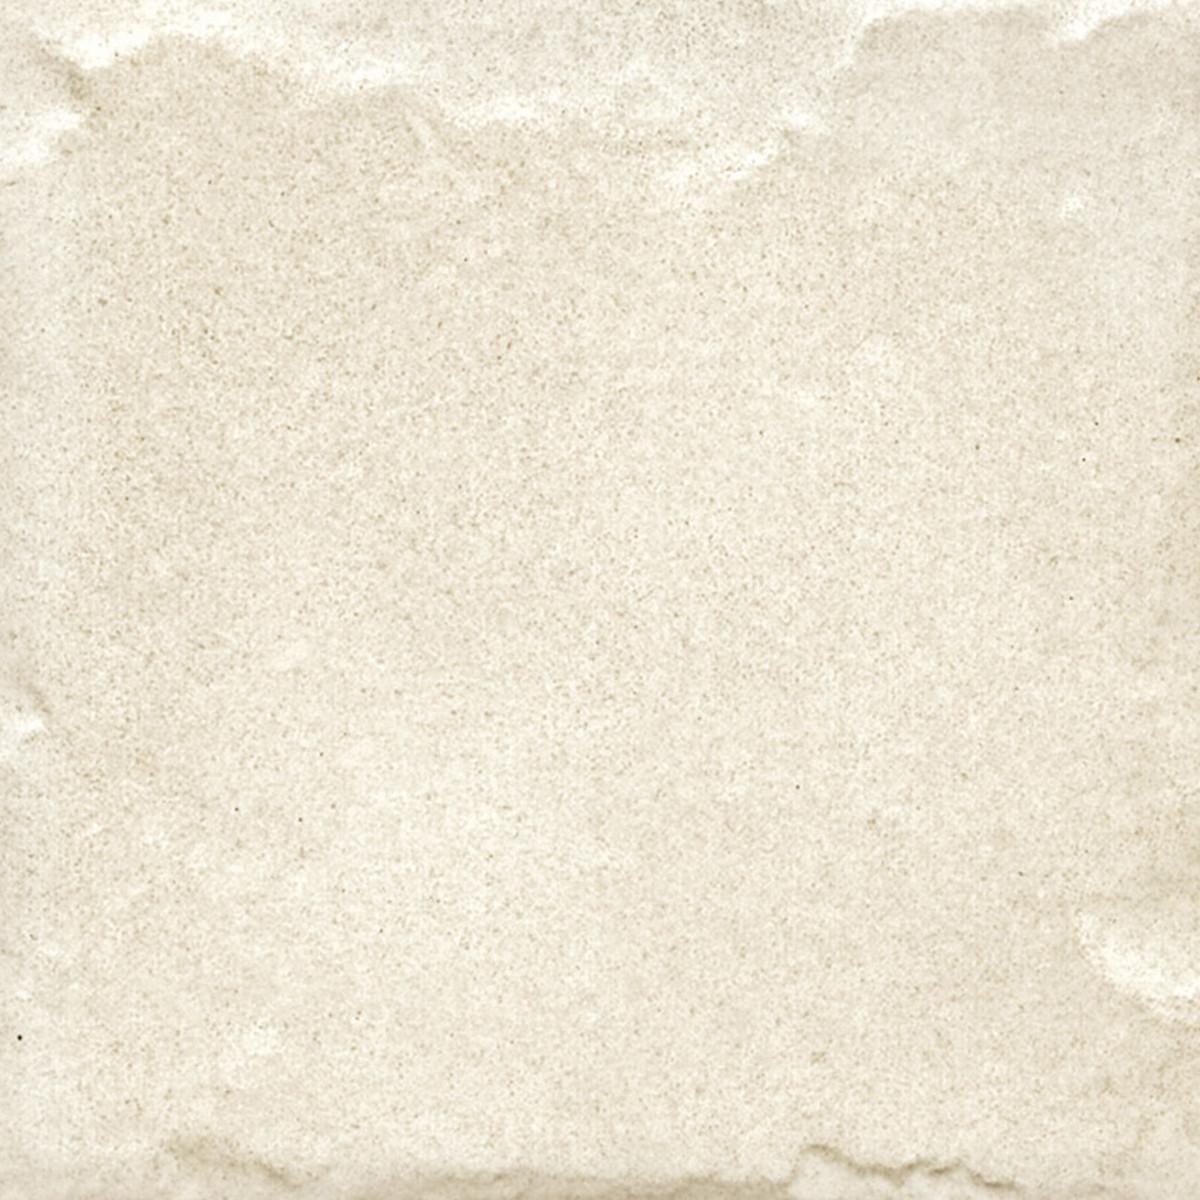 Piastrella country rilievo 10 x 10 bianco: prezzi e offerte online